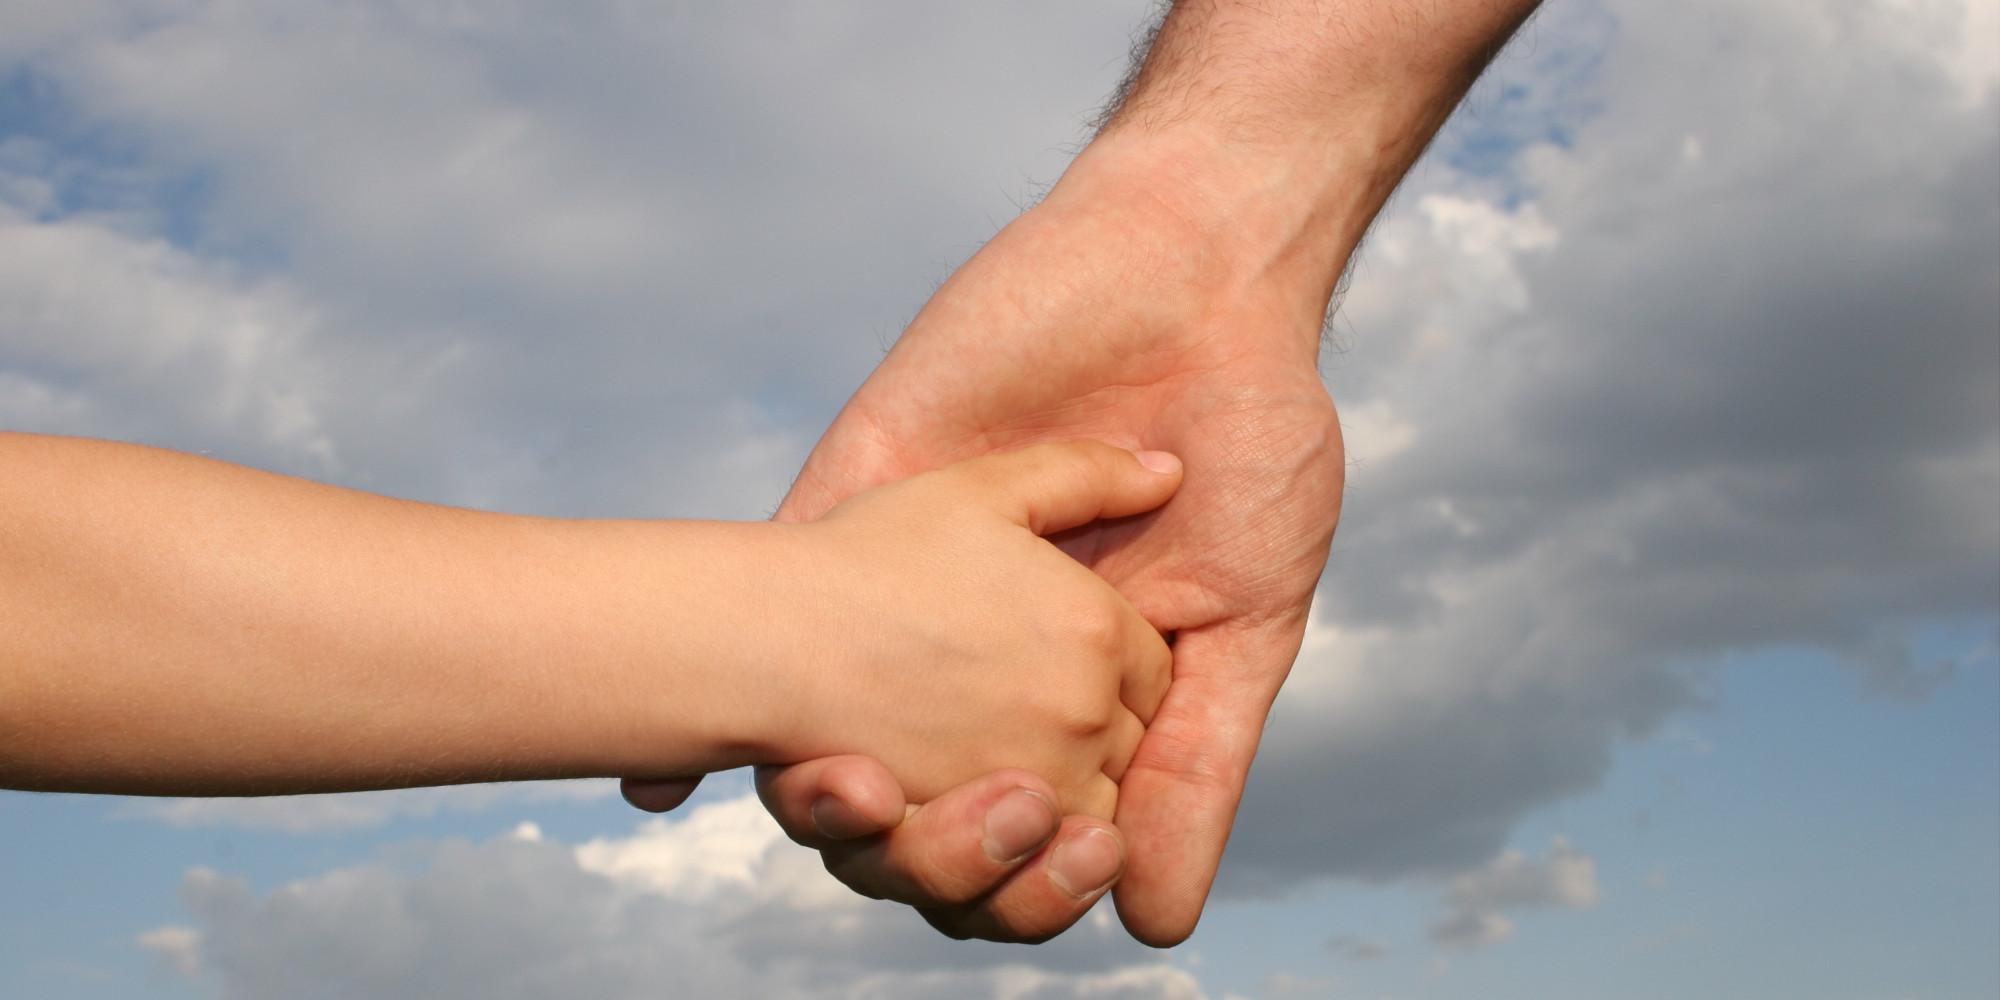 mamma in ospedale,padre e figlio mano nella mano